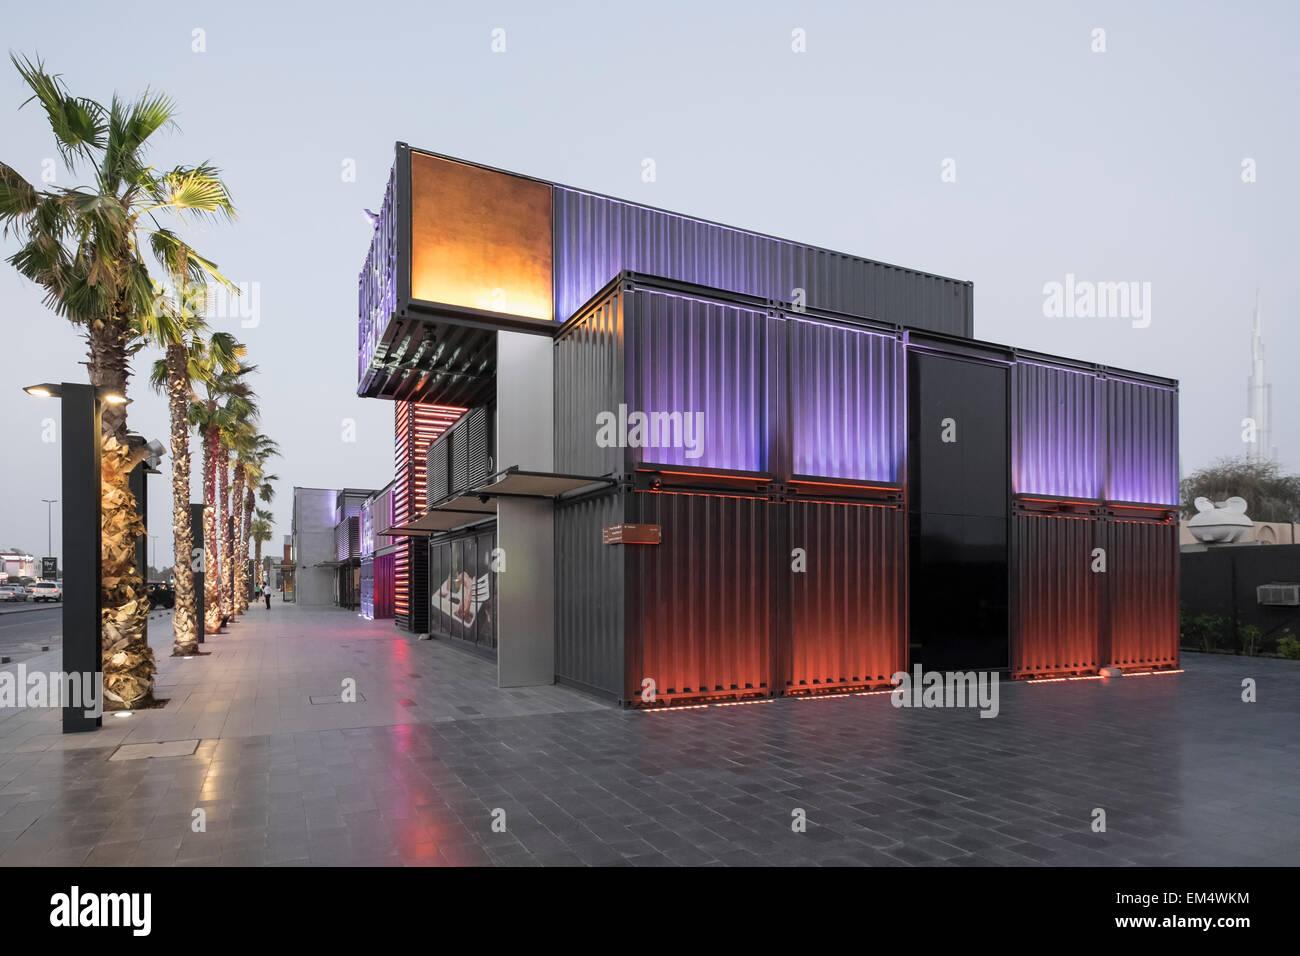 Nuovo Boxpark retail development in Dubai Emirati Arabi Uniti Immagini Stock